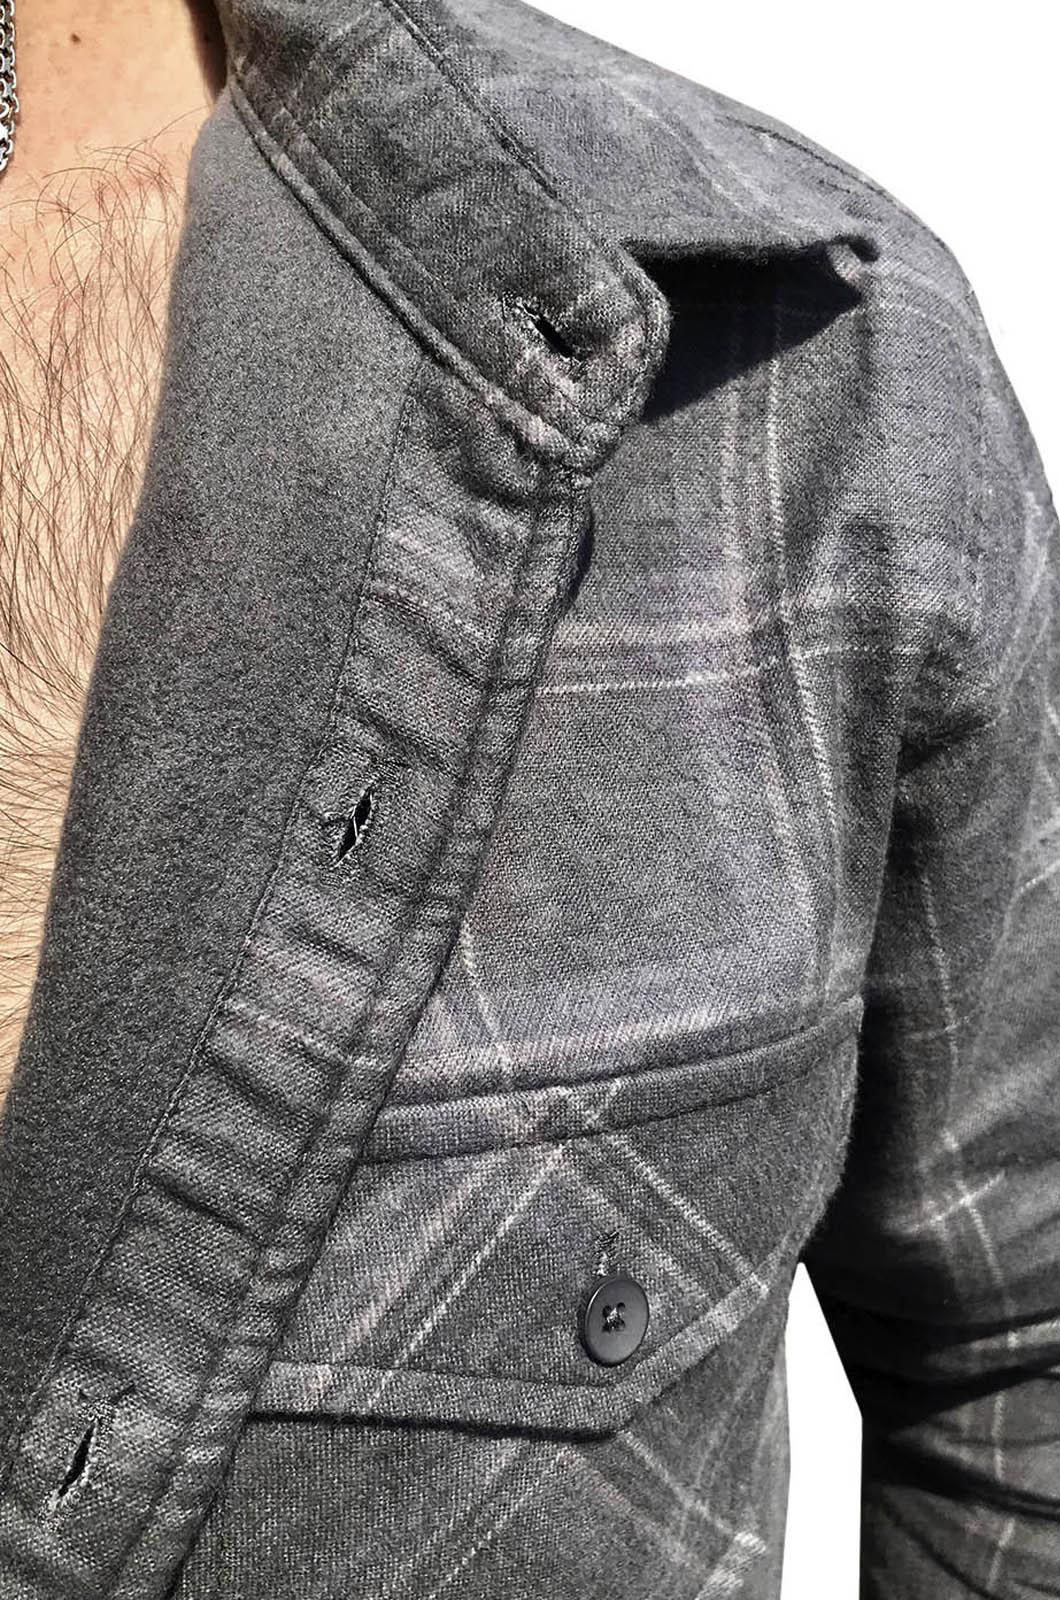 Надежная рубашка с вышитым шевроном ЛНР - купить в Военпро